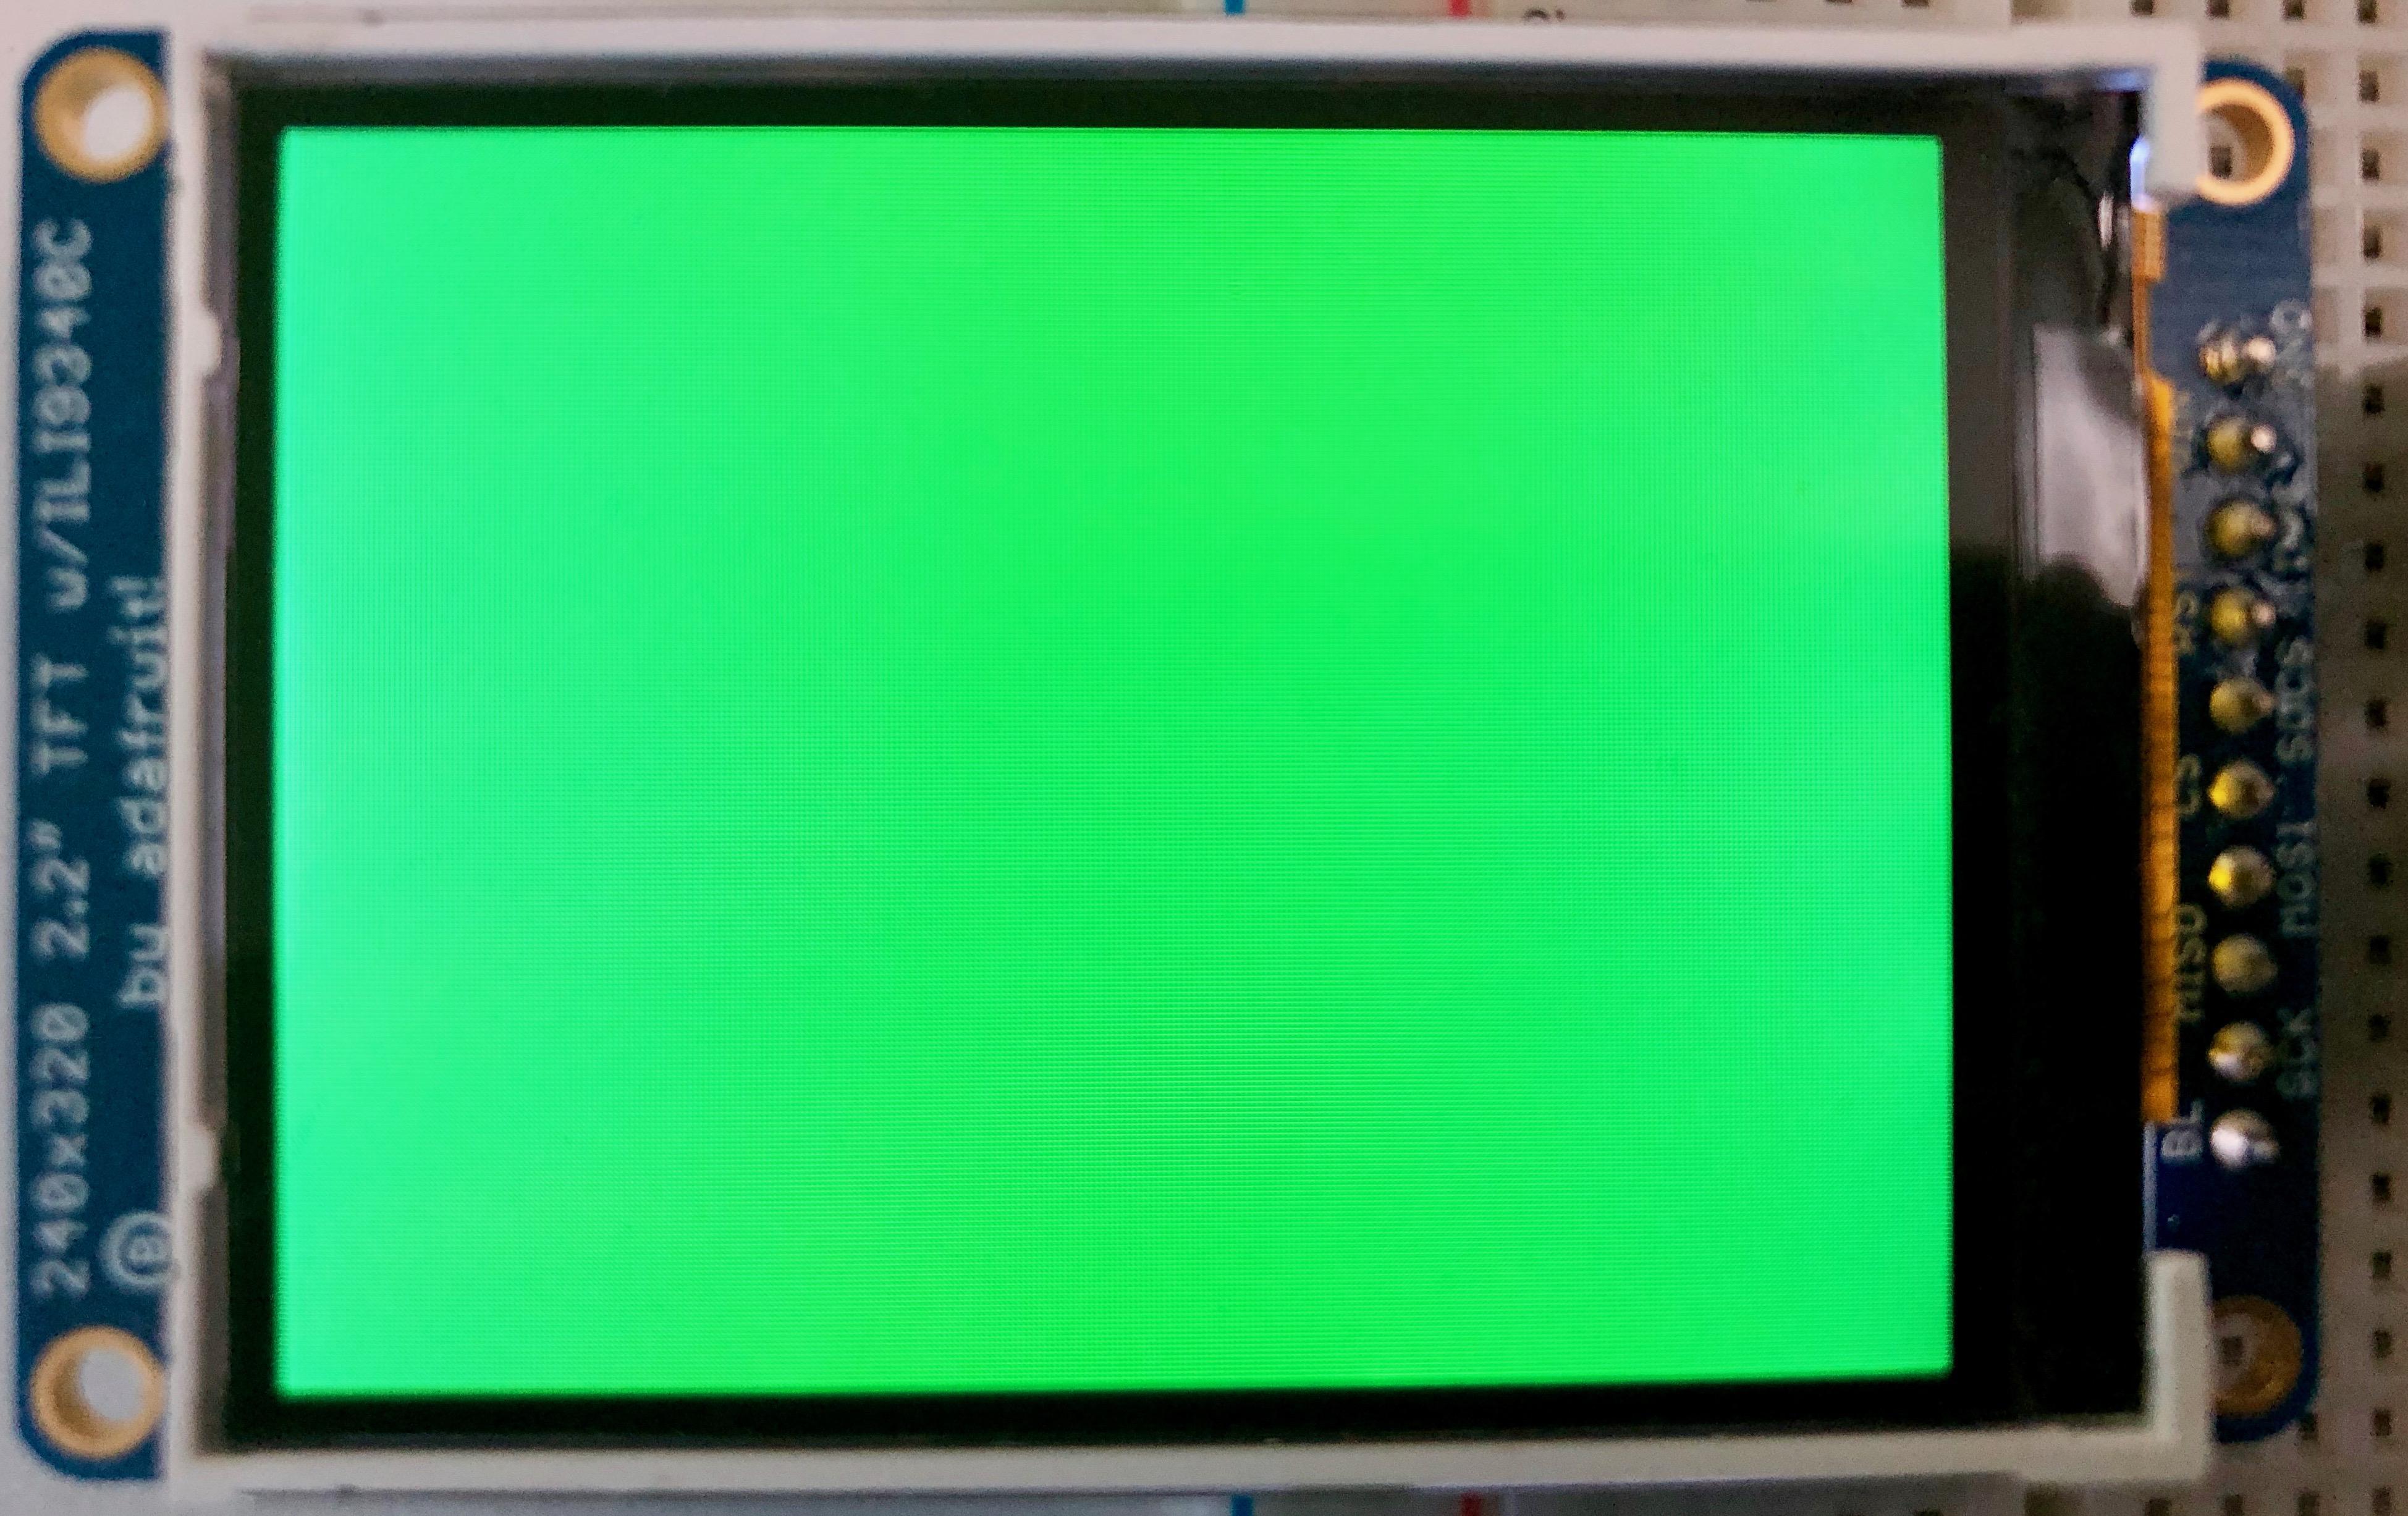 arduino_compatibles_2.2-green.jpeg